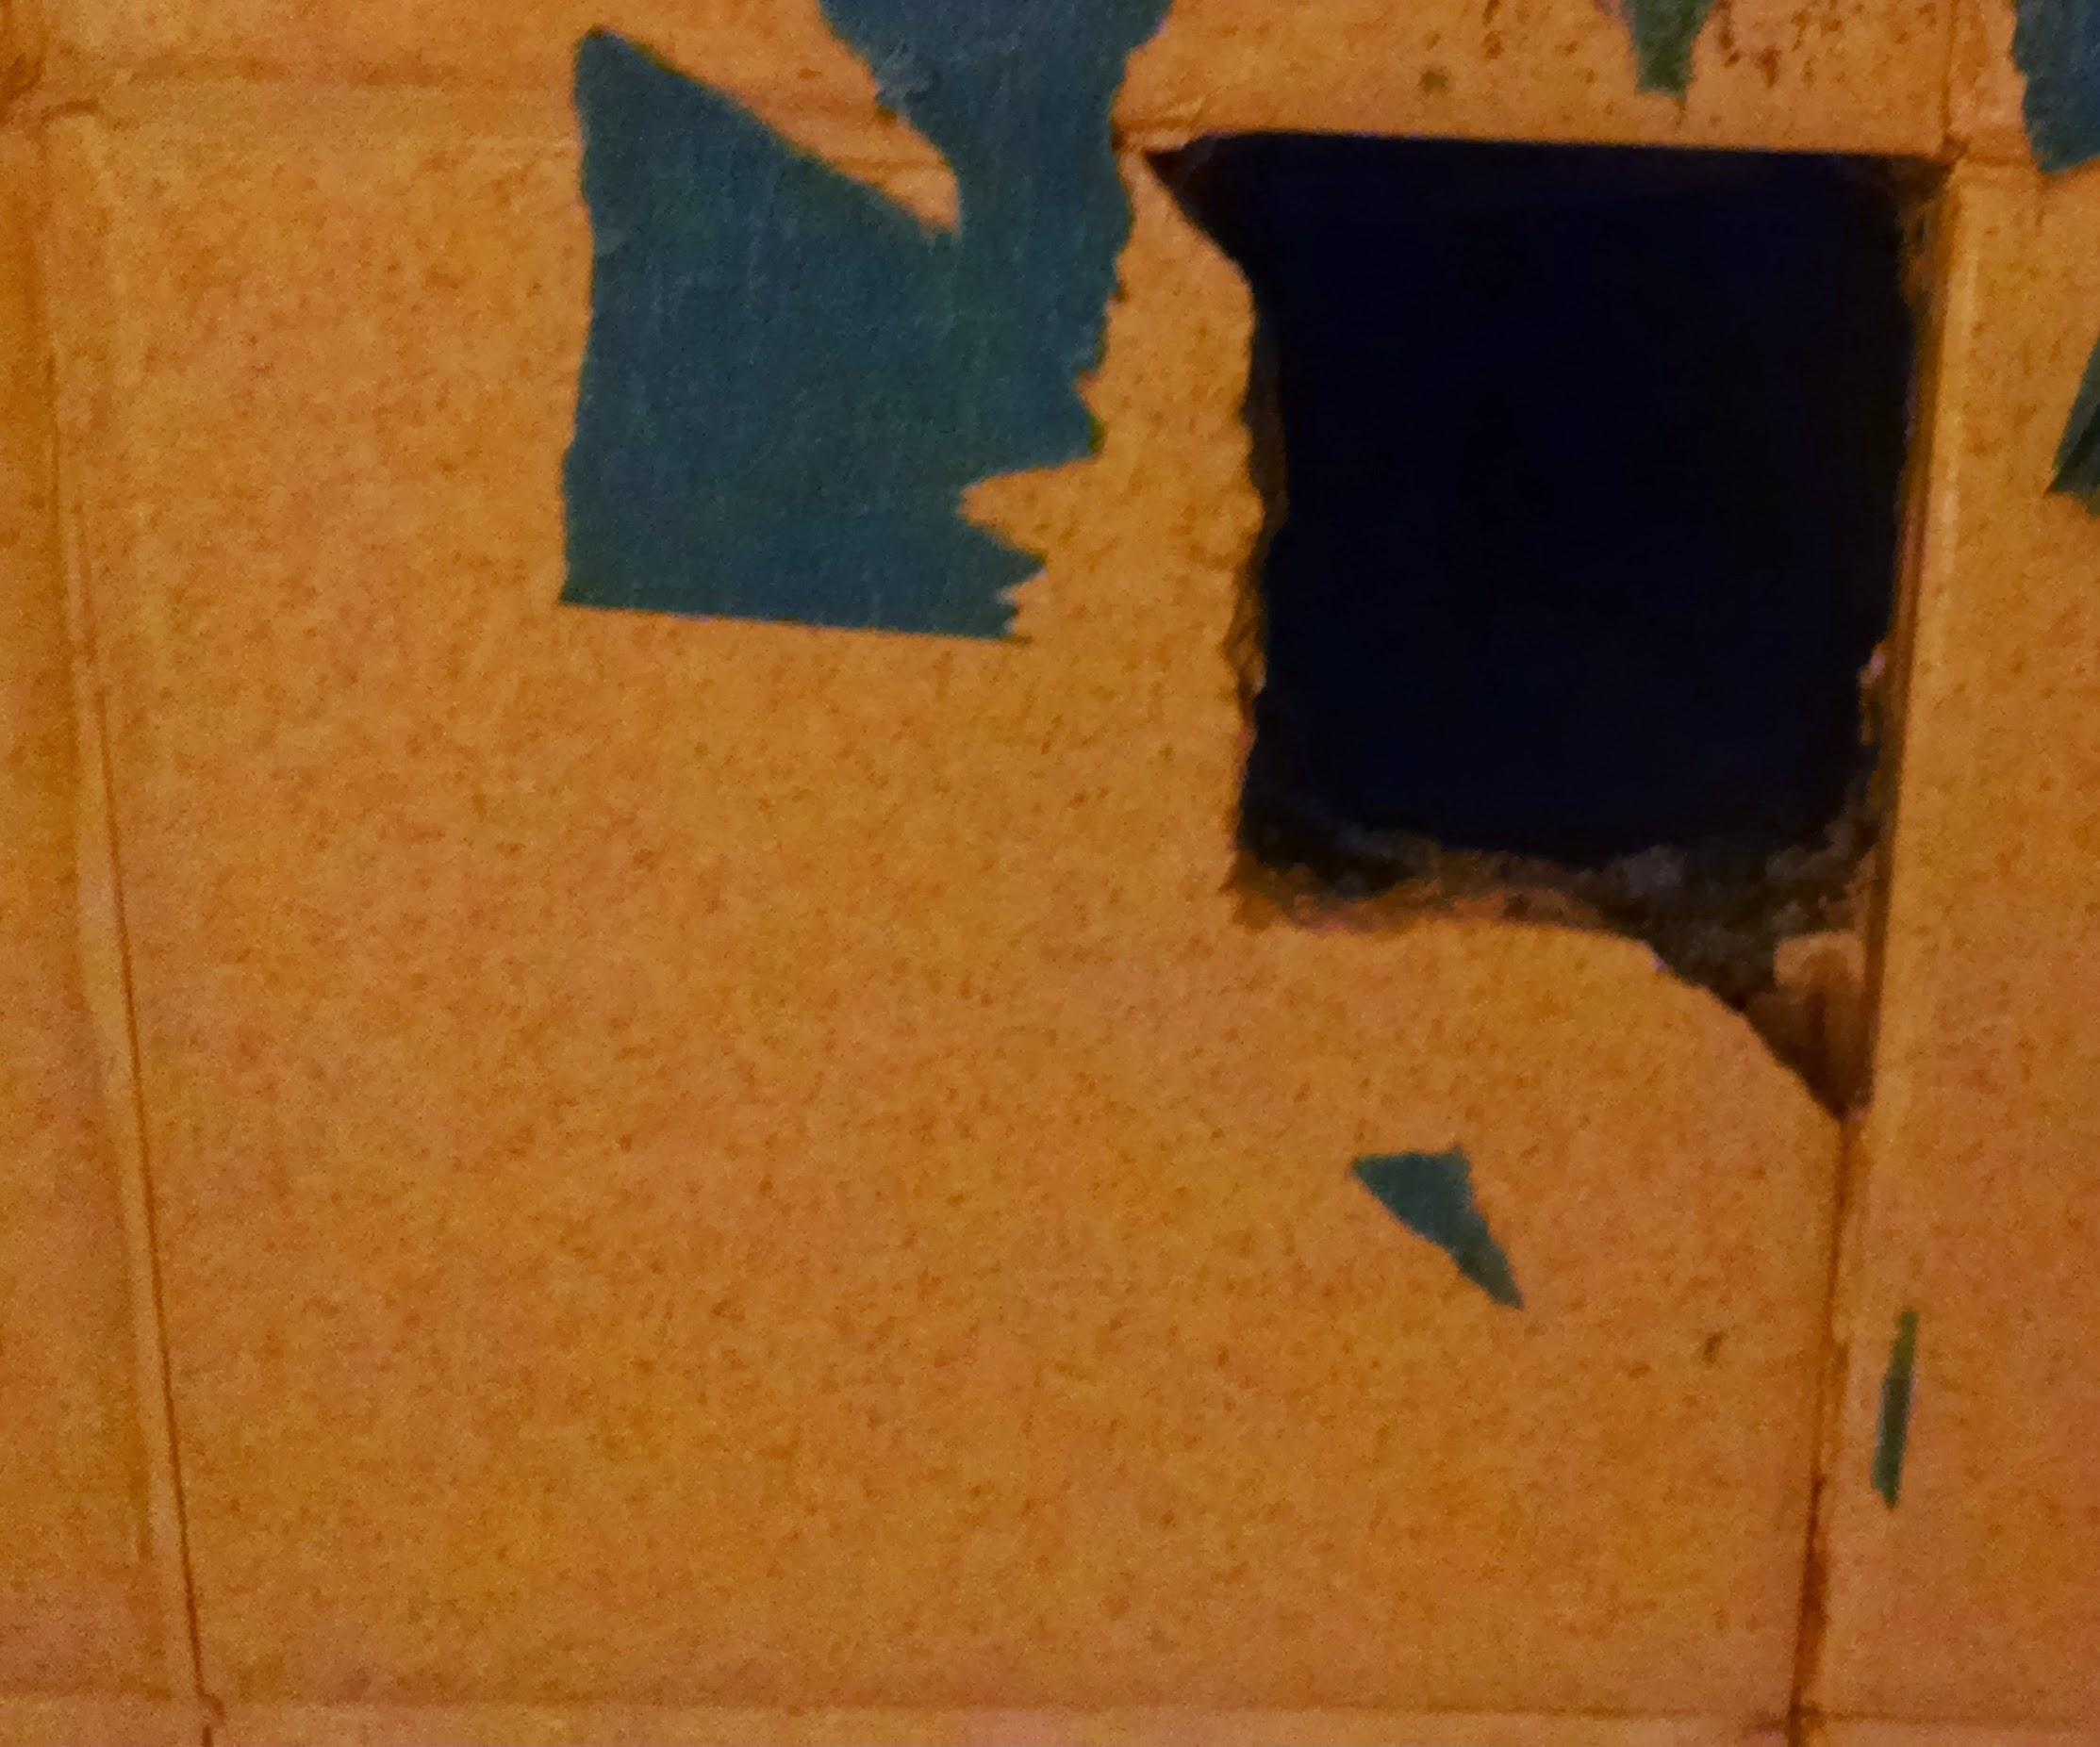 repair a hole in bathroom wall tile